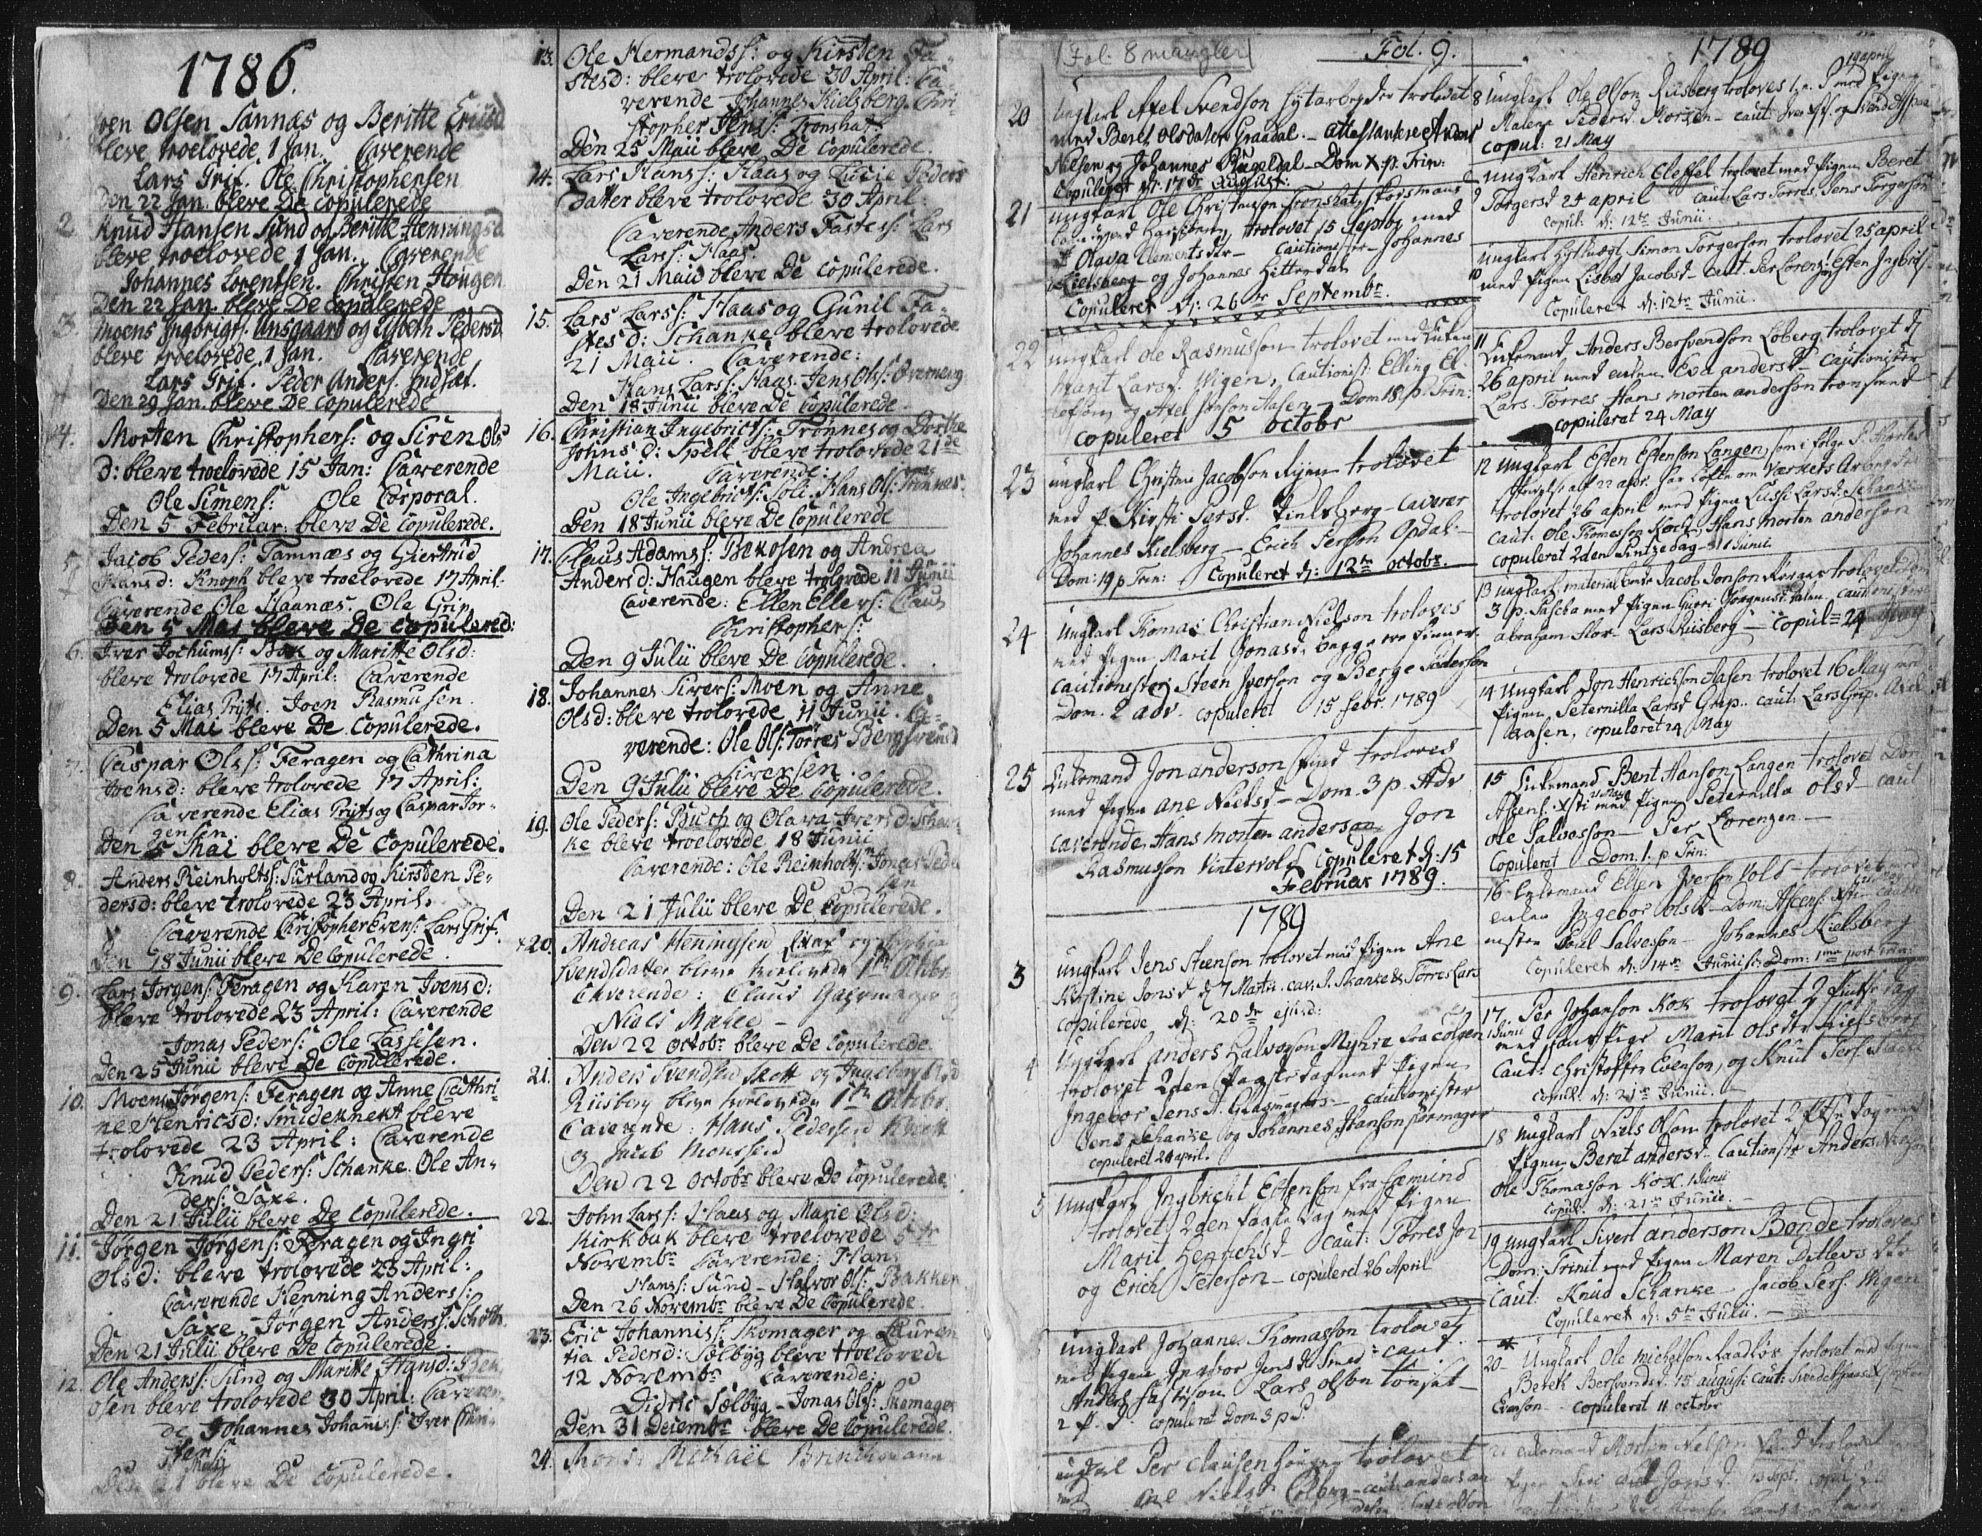 SAT, Ministerialprotokoller, klokkerbøker og fødselsregistre - Sør-Trøndelag, 681/L0926: Ministerialbok nr. 681A04, 1767-1797, s. 9